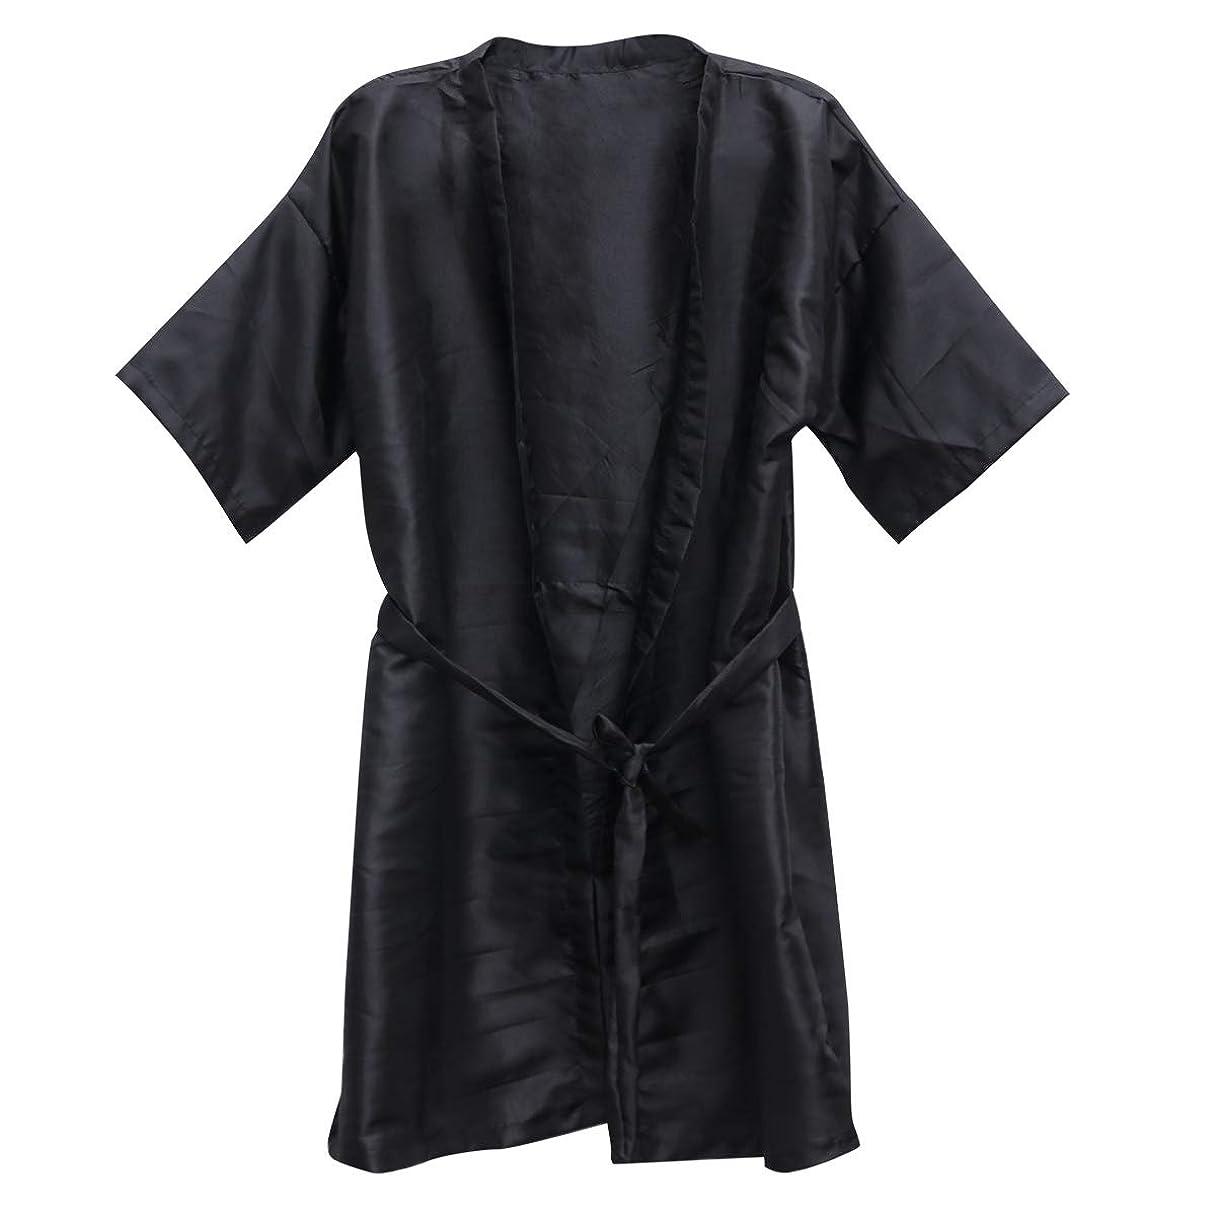 解任恩赦ユダヤ人Beauprettyサロンクライアントガウンスパホテルバスローブ女性男性着物ローブ理髪布(黒)3個